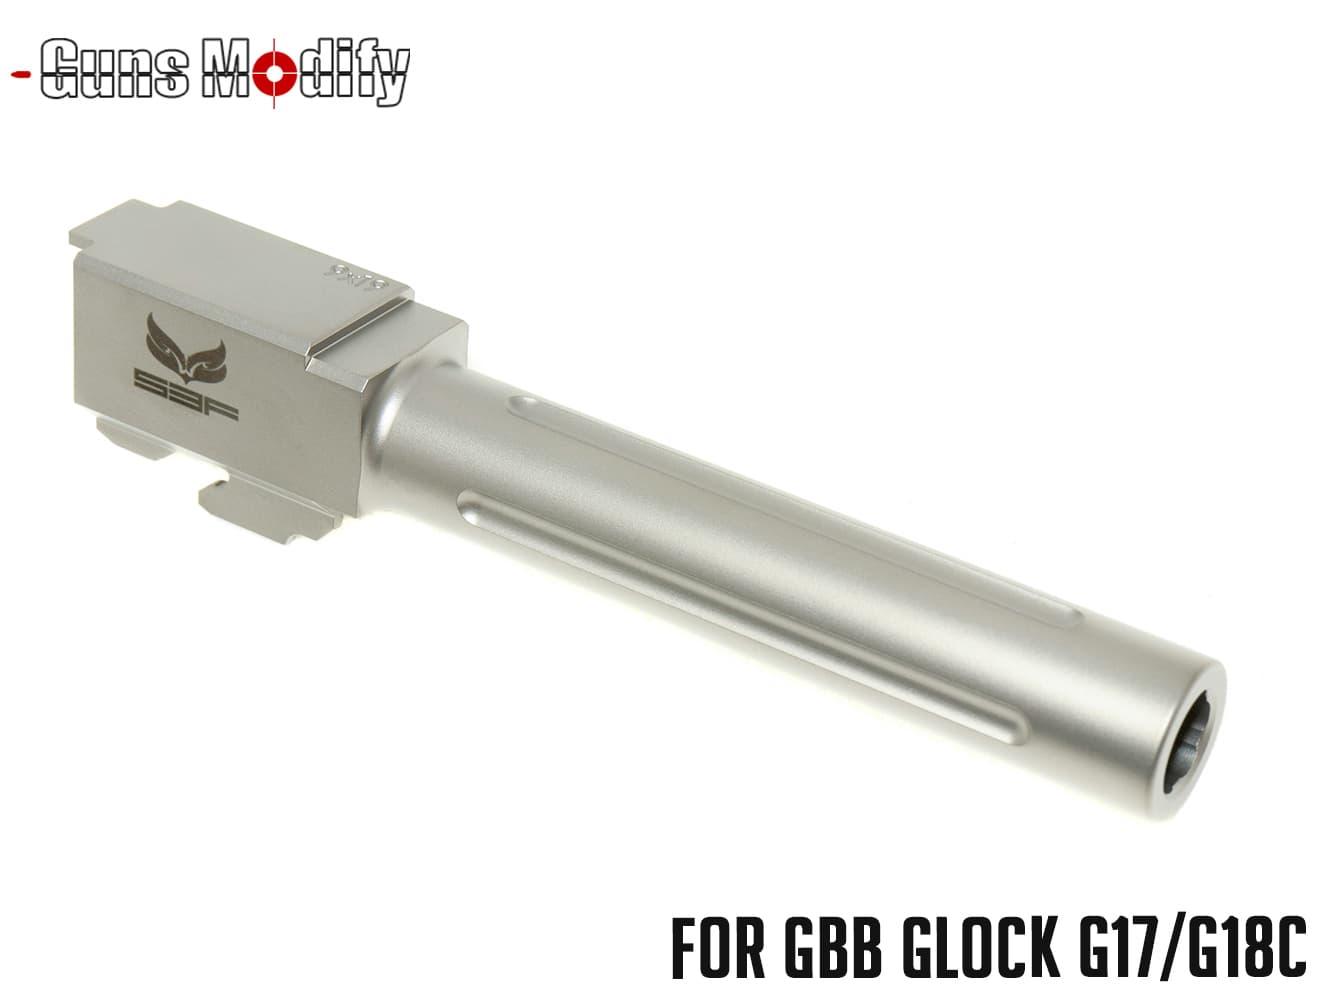 GUNS MODIFY S3Fスタイル G17 フルートバレル ステンレス◆マルイ 新型G19対応 リアルな質感 コーティング済み タクティカルカスタム